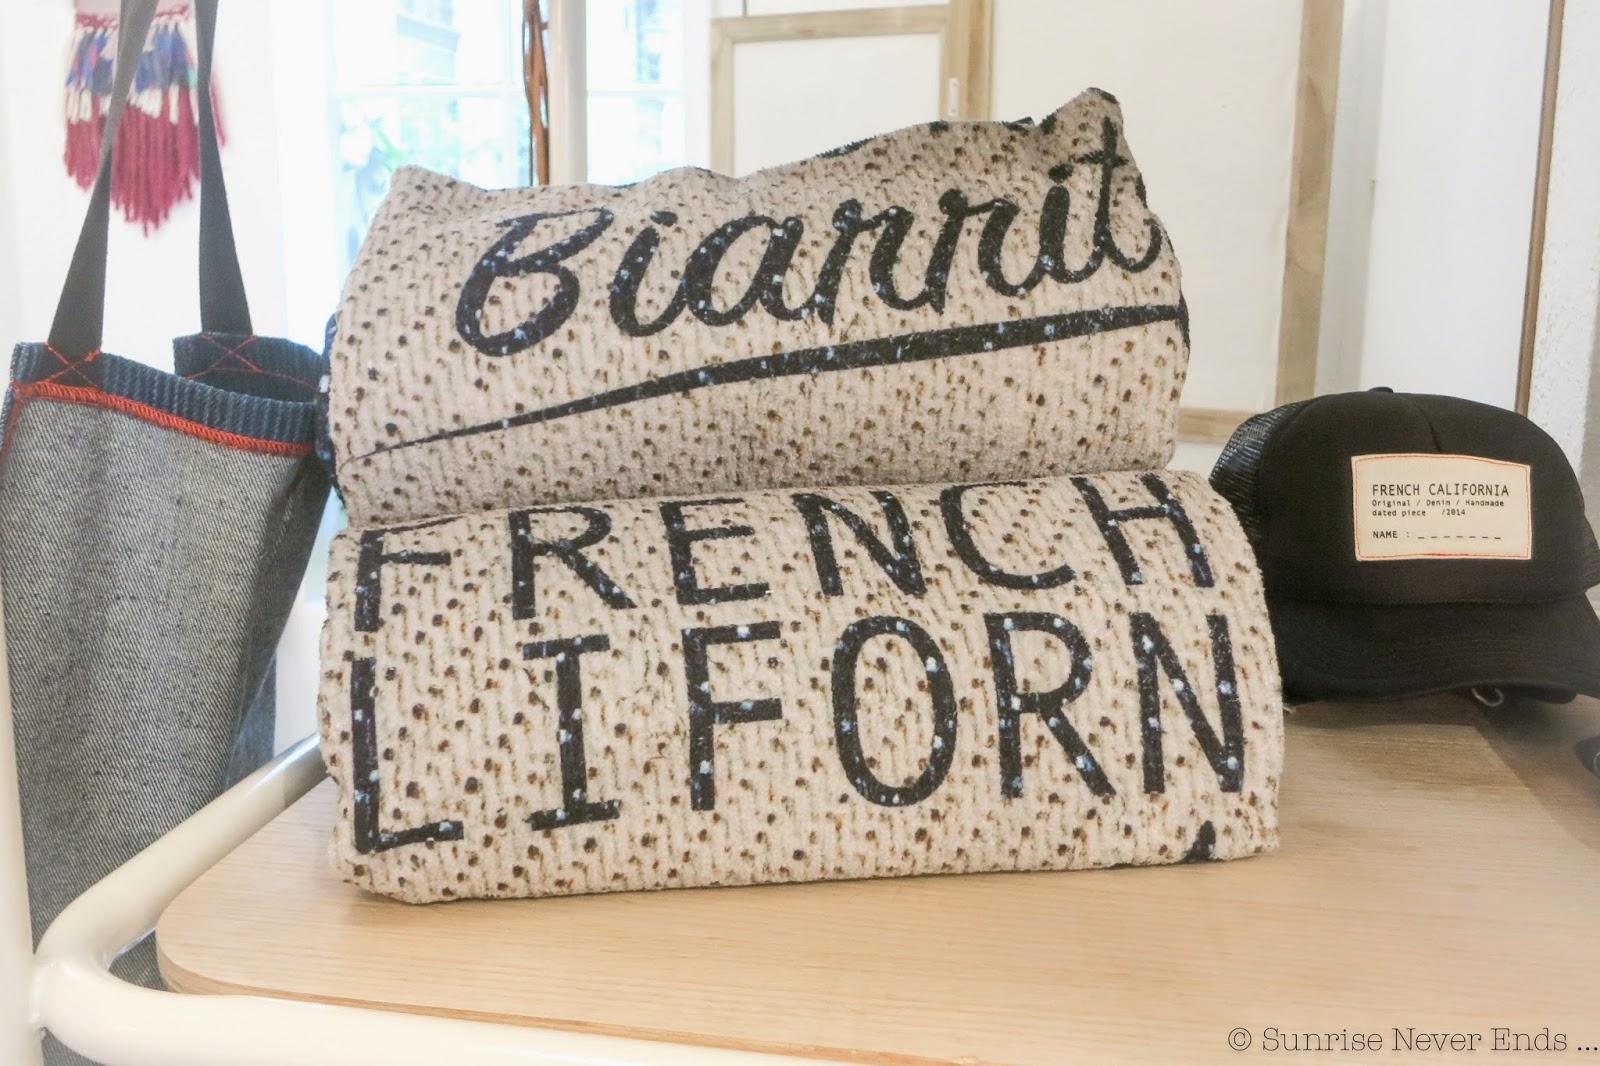 pop-up store,biarrotz,paris,the clothette,marais,french california,maison lasserre,pierre lasserre,monik,woll,albertine,cétus